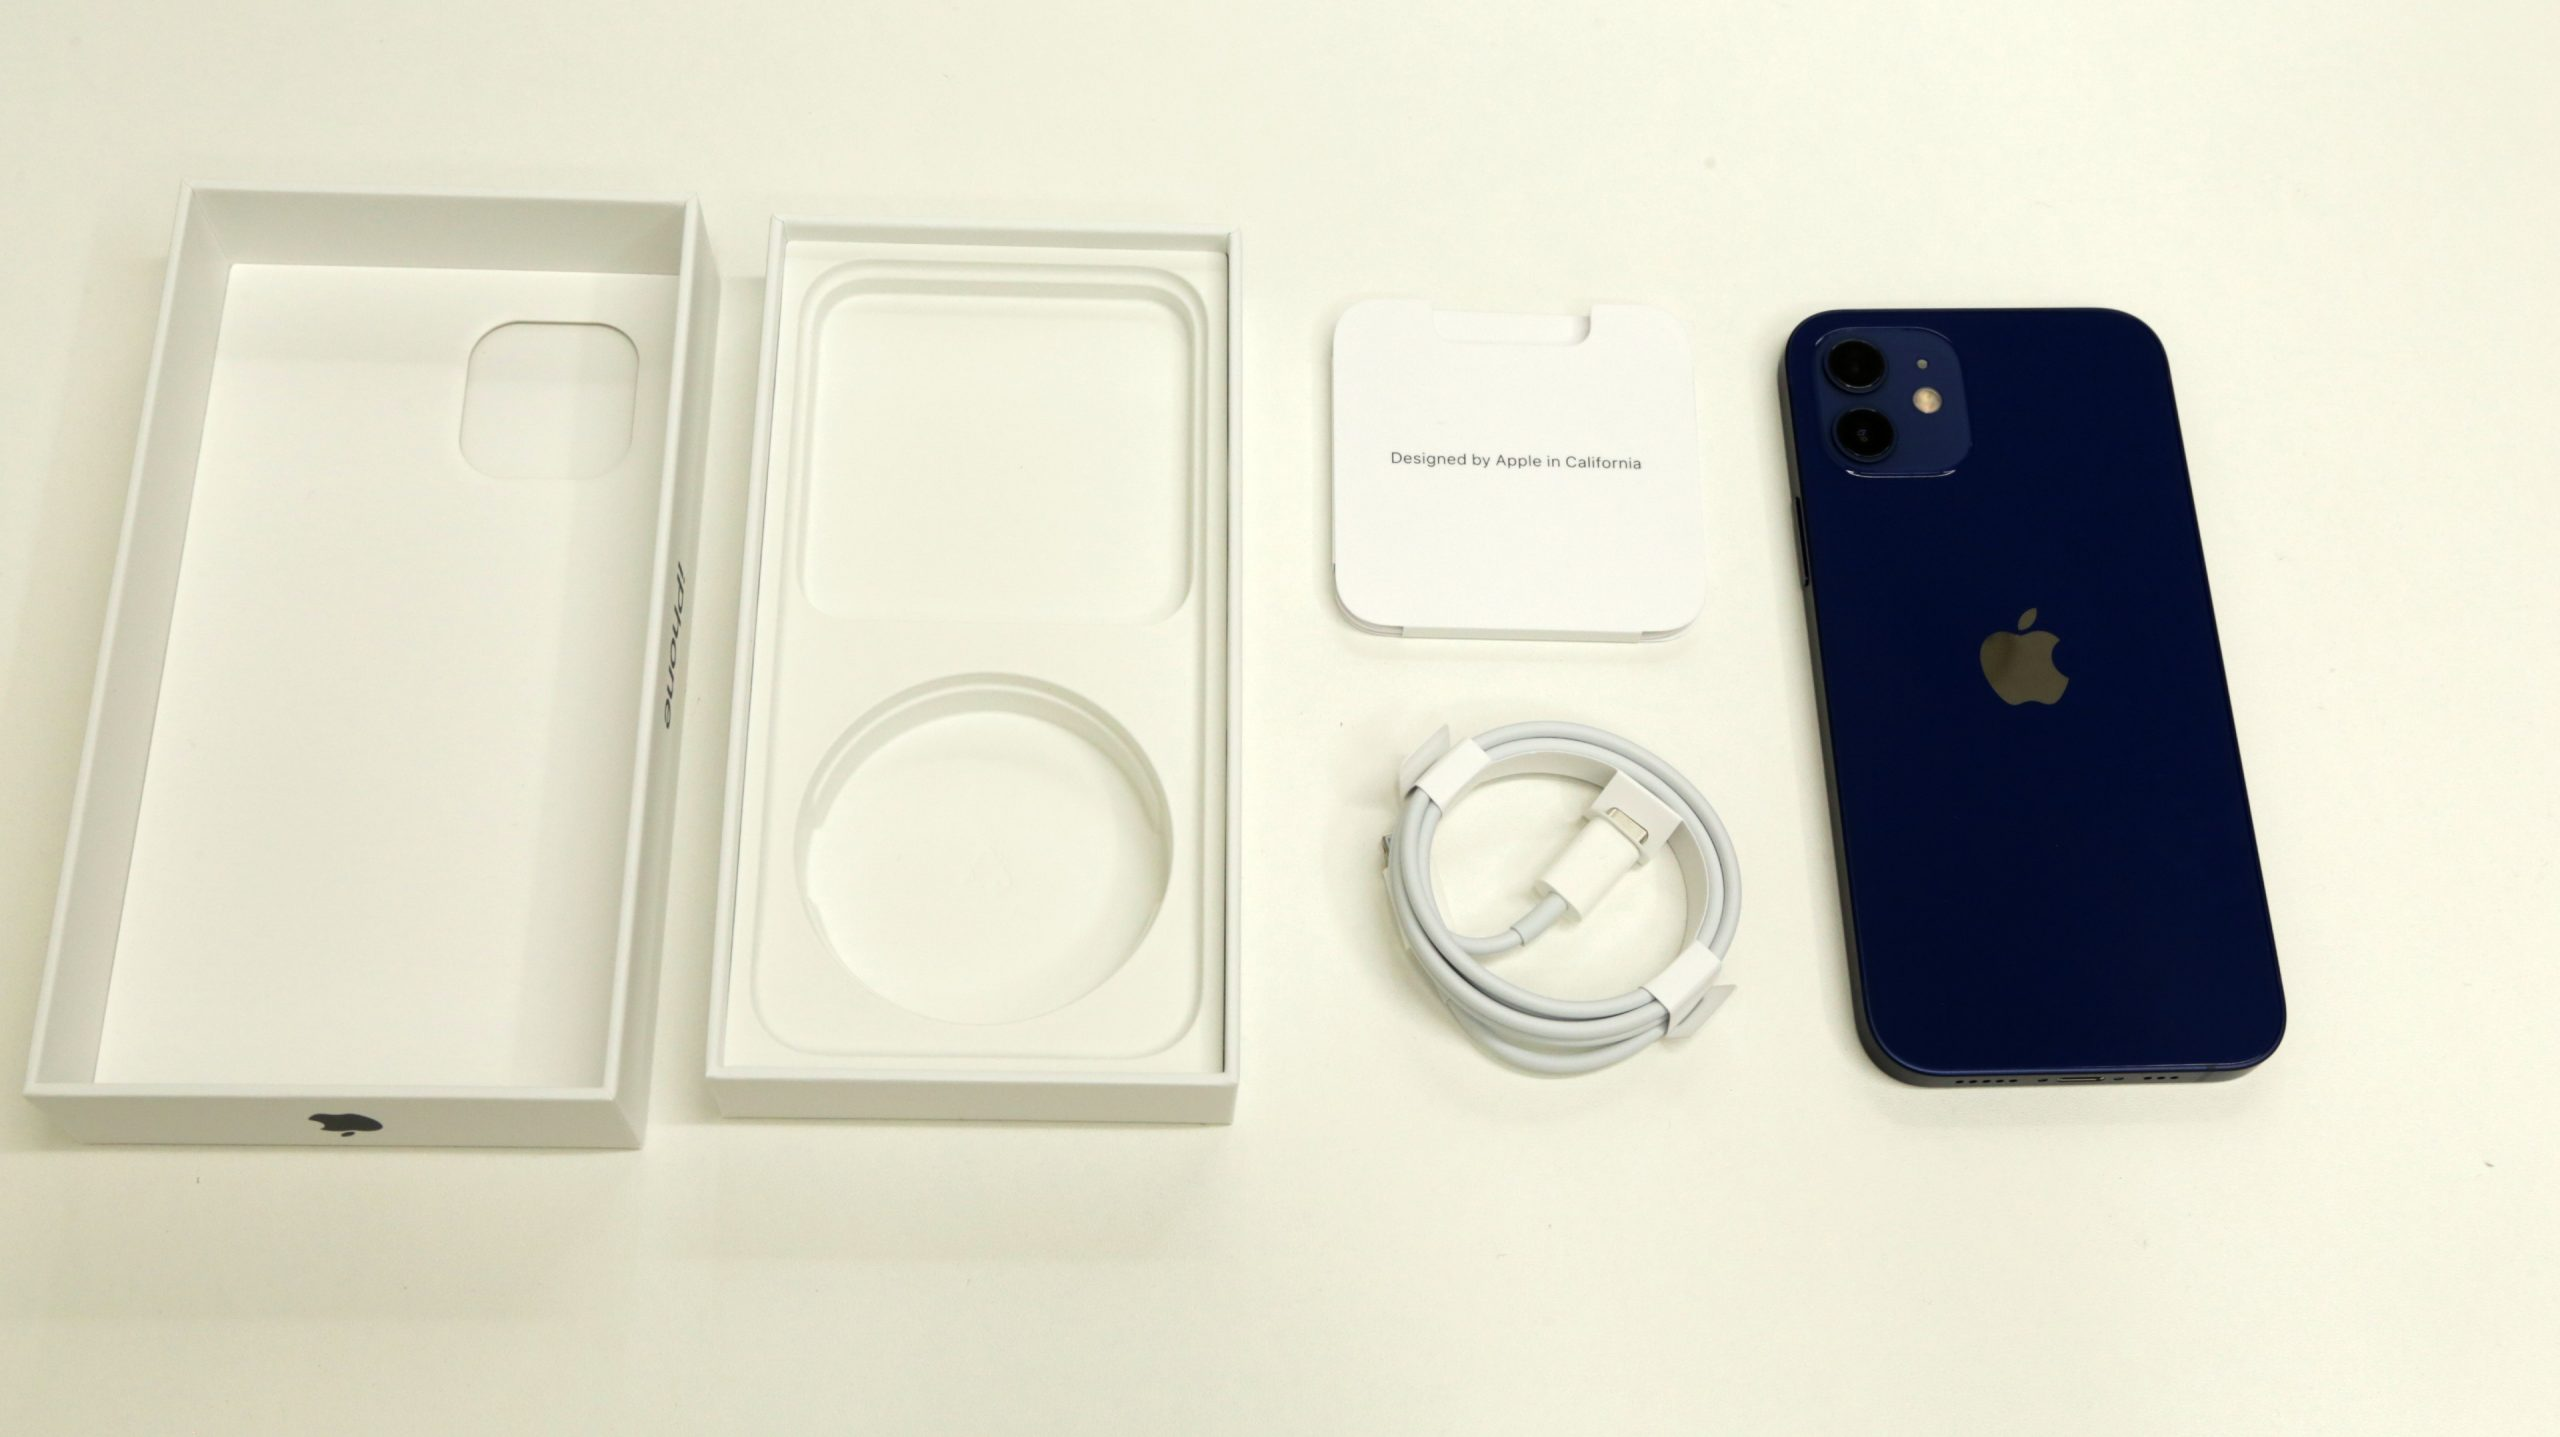 iPhone12に同梱されているもの